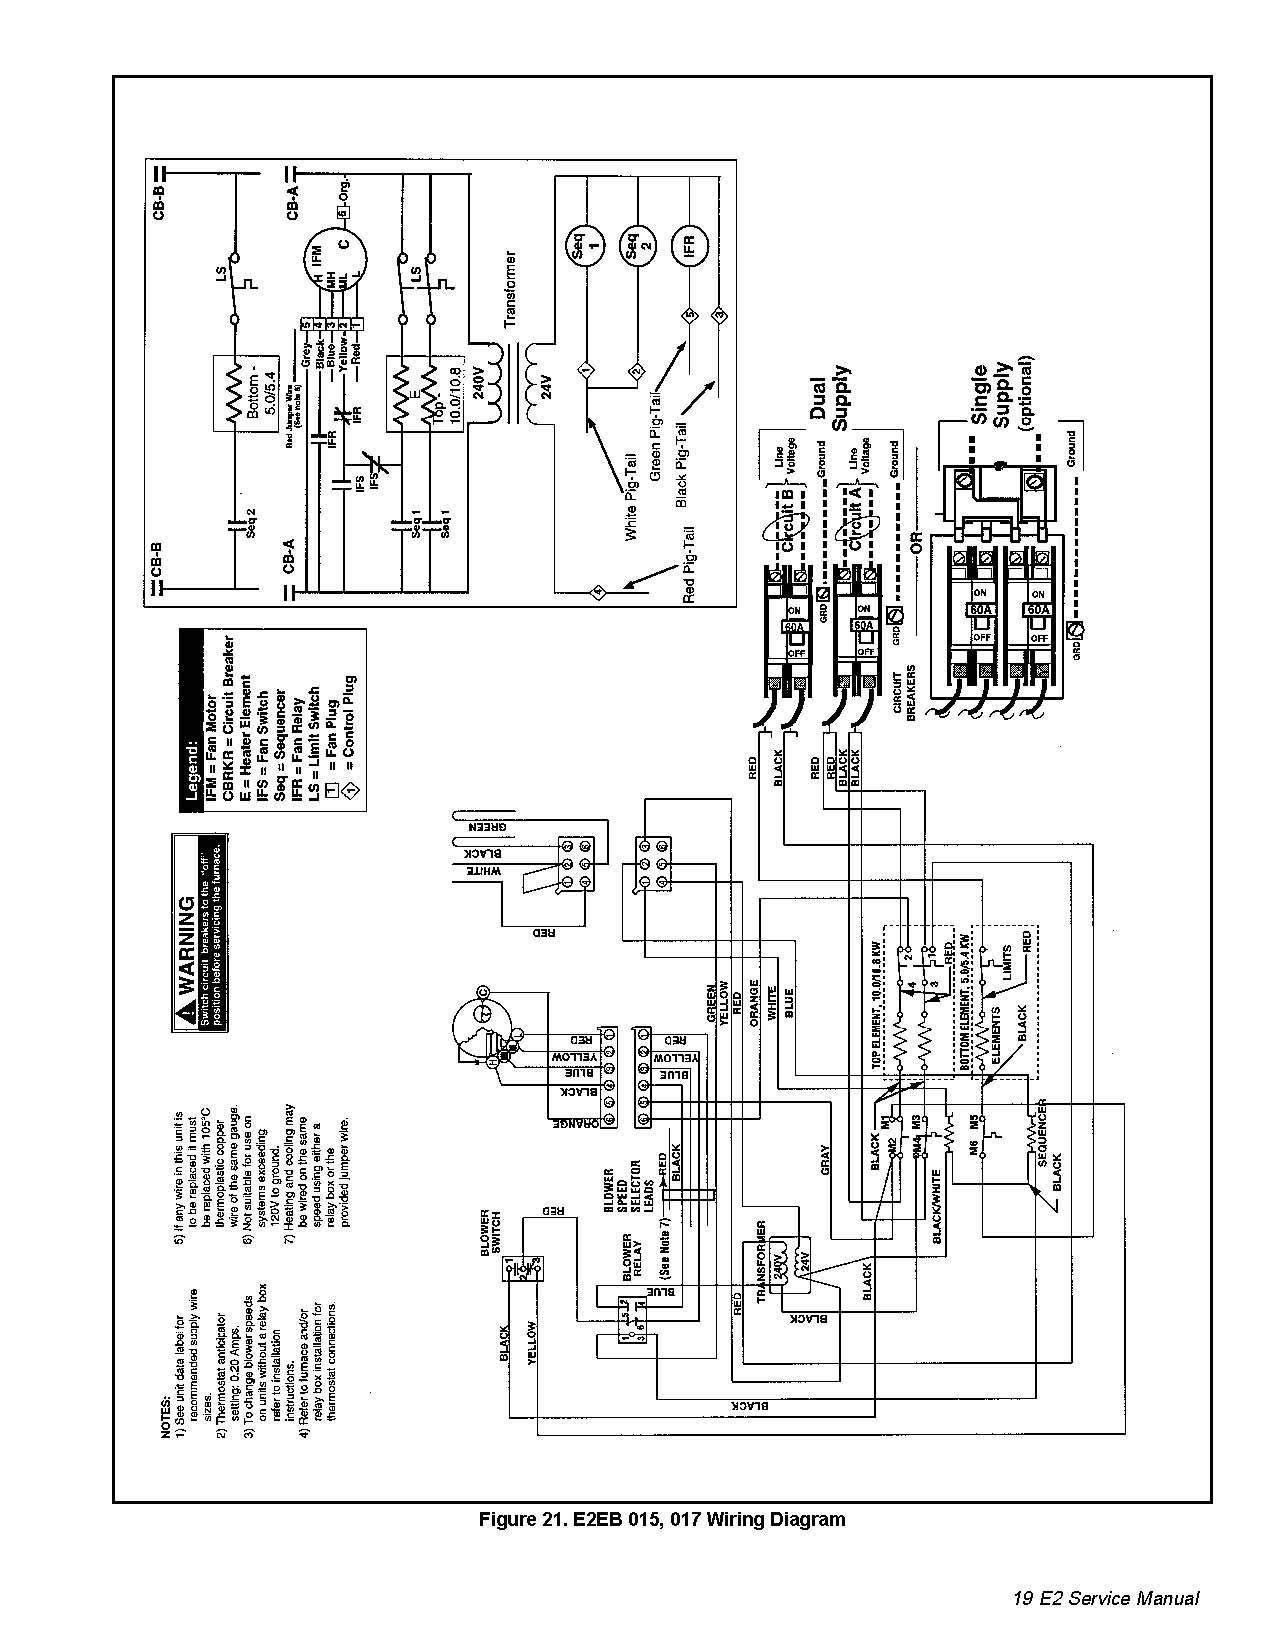 Miller Electric Furnace Wiring Diagram - Wiring Diagram Data - Nordyne Wiring Diagram Electric Furnace